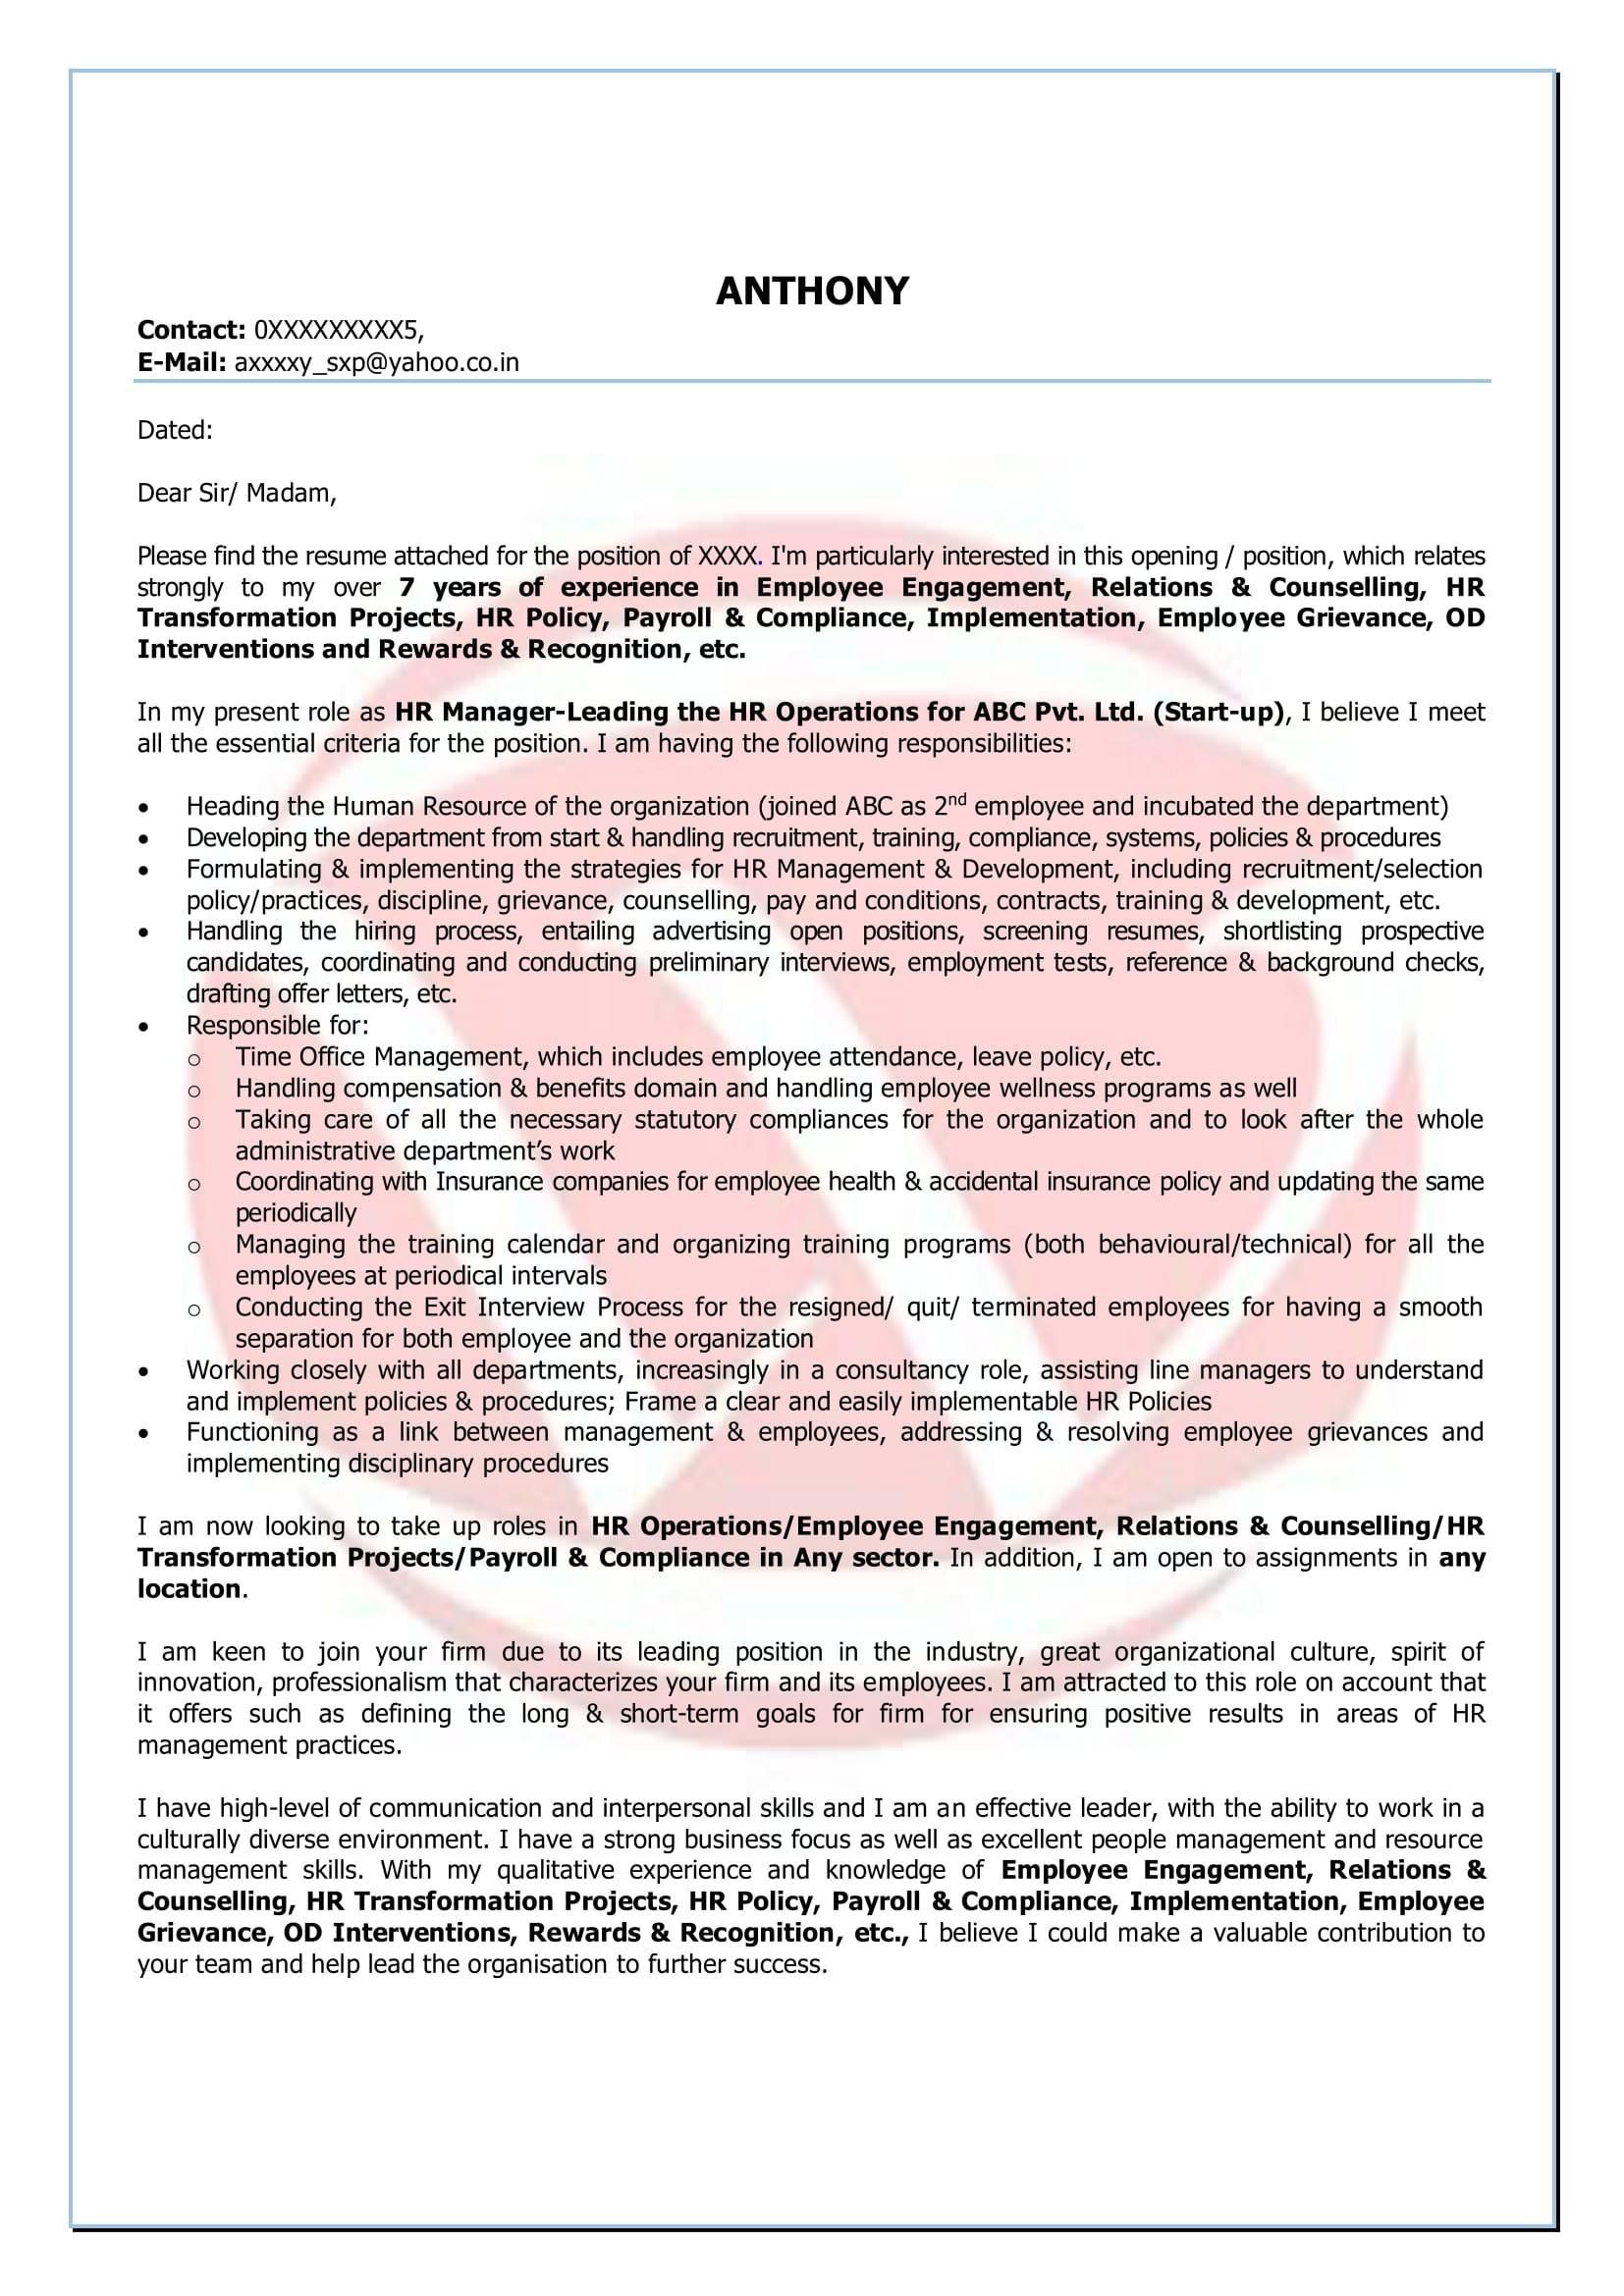 Letter Of Engagement Template Contractor - formal Job Fer Letter New Sample for Job Fer Letter New It Job Fer